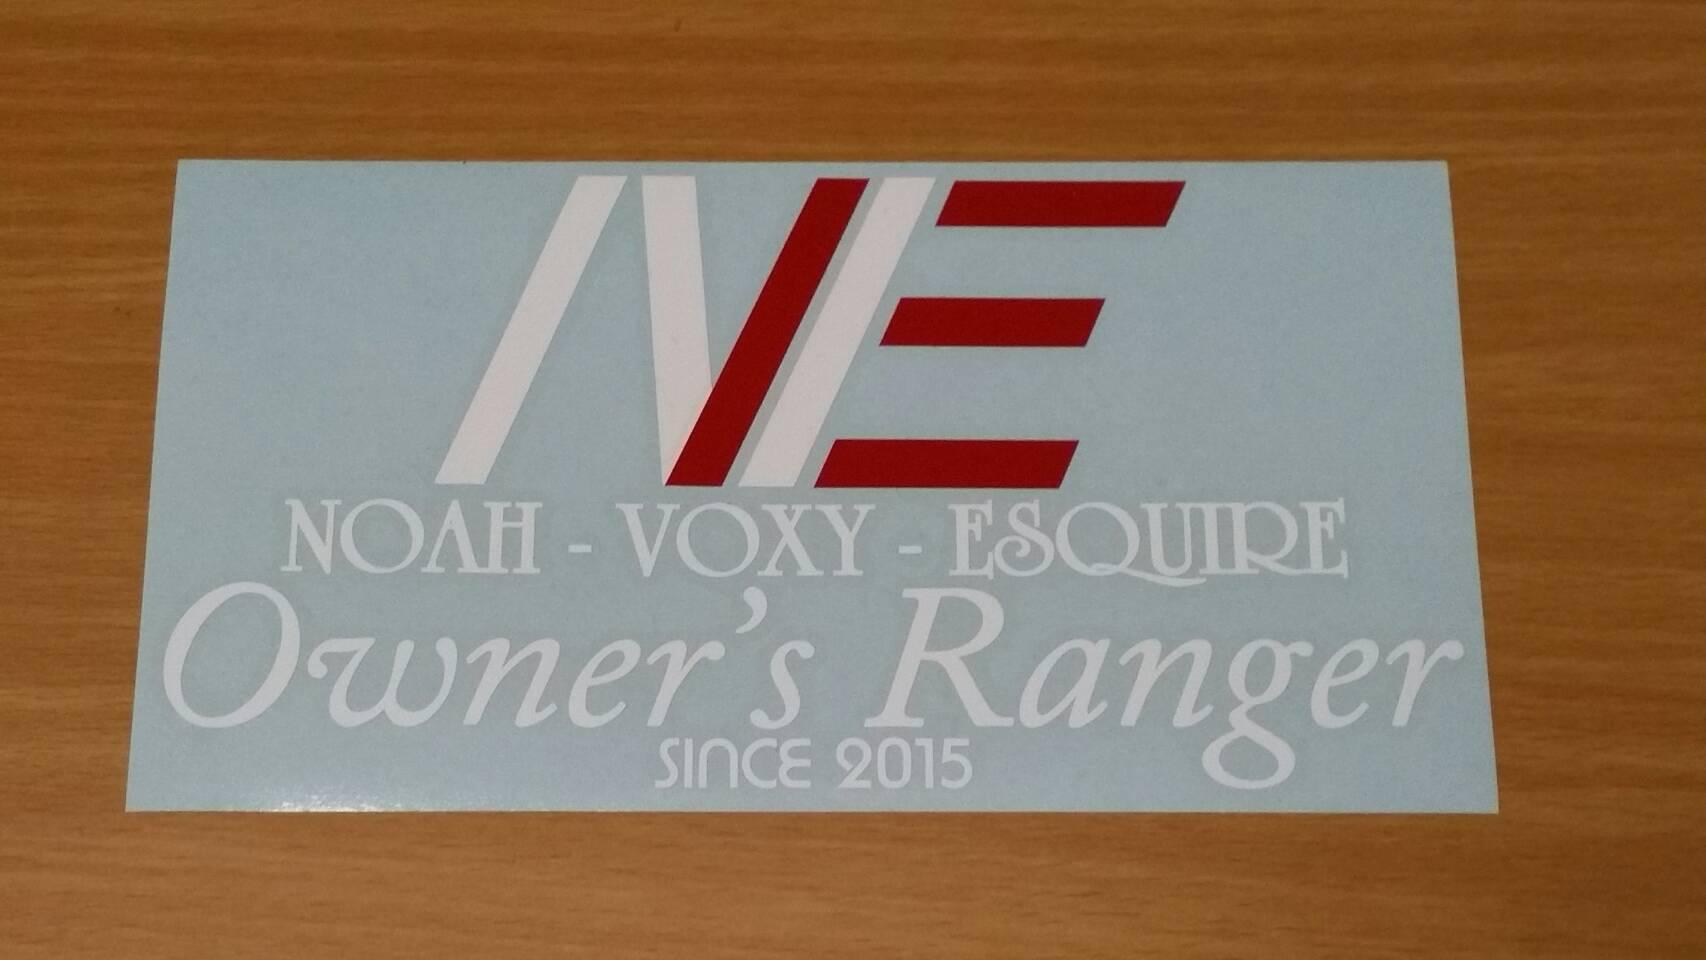 N-V-E Owner's Ranger オリジナルステッカー